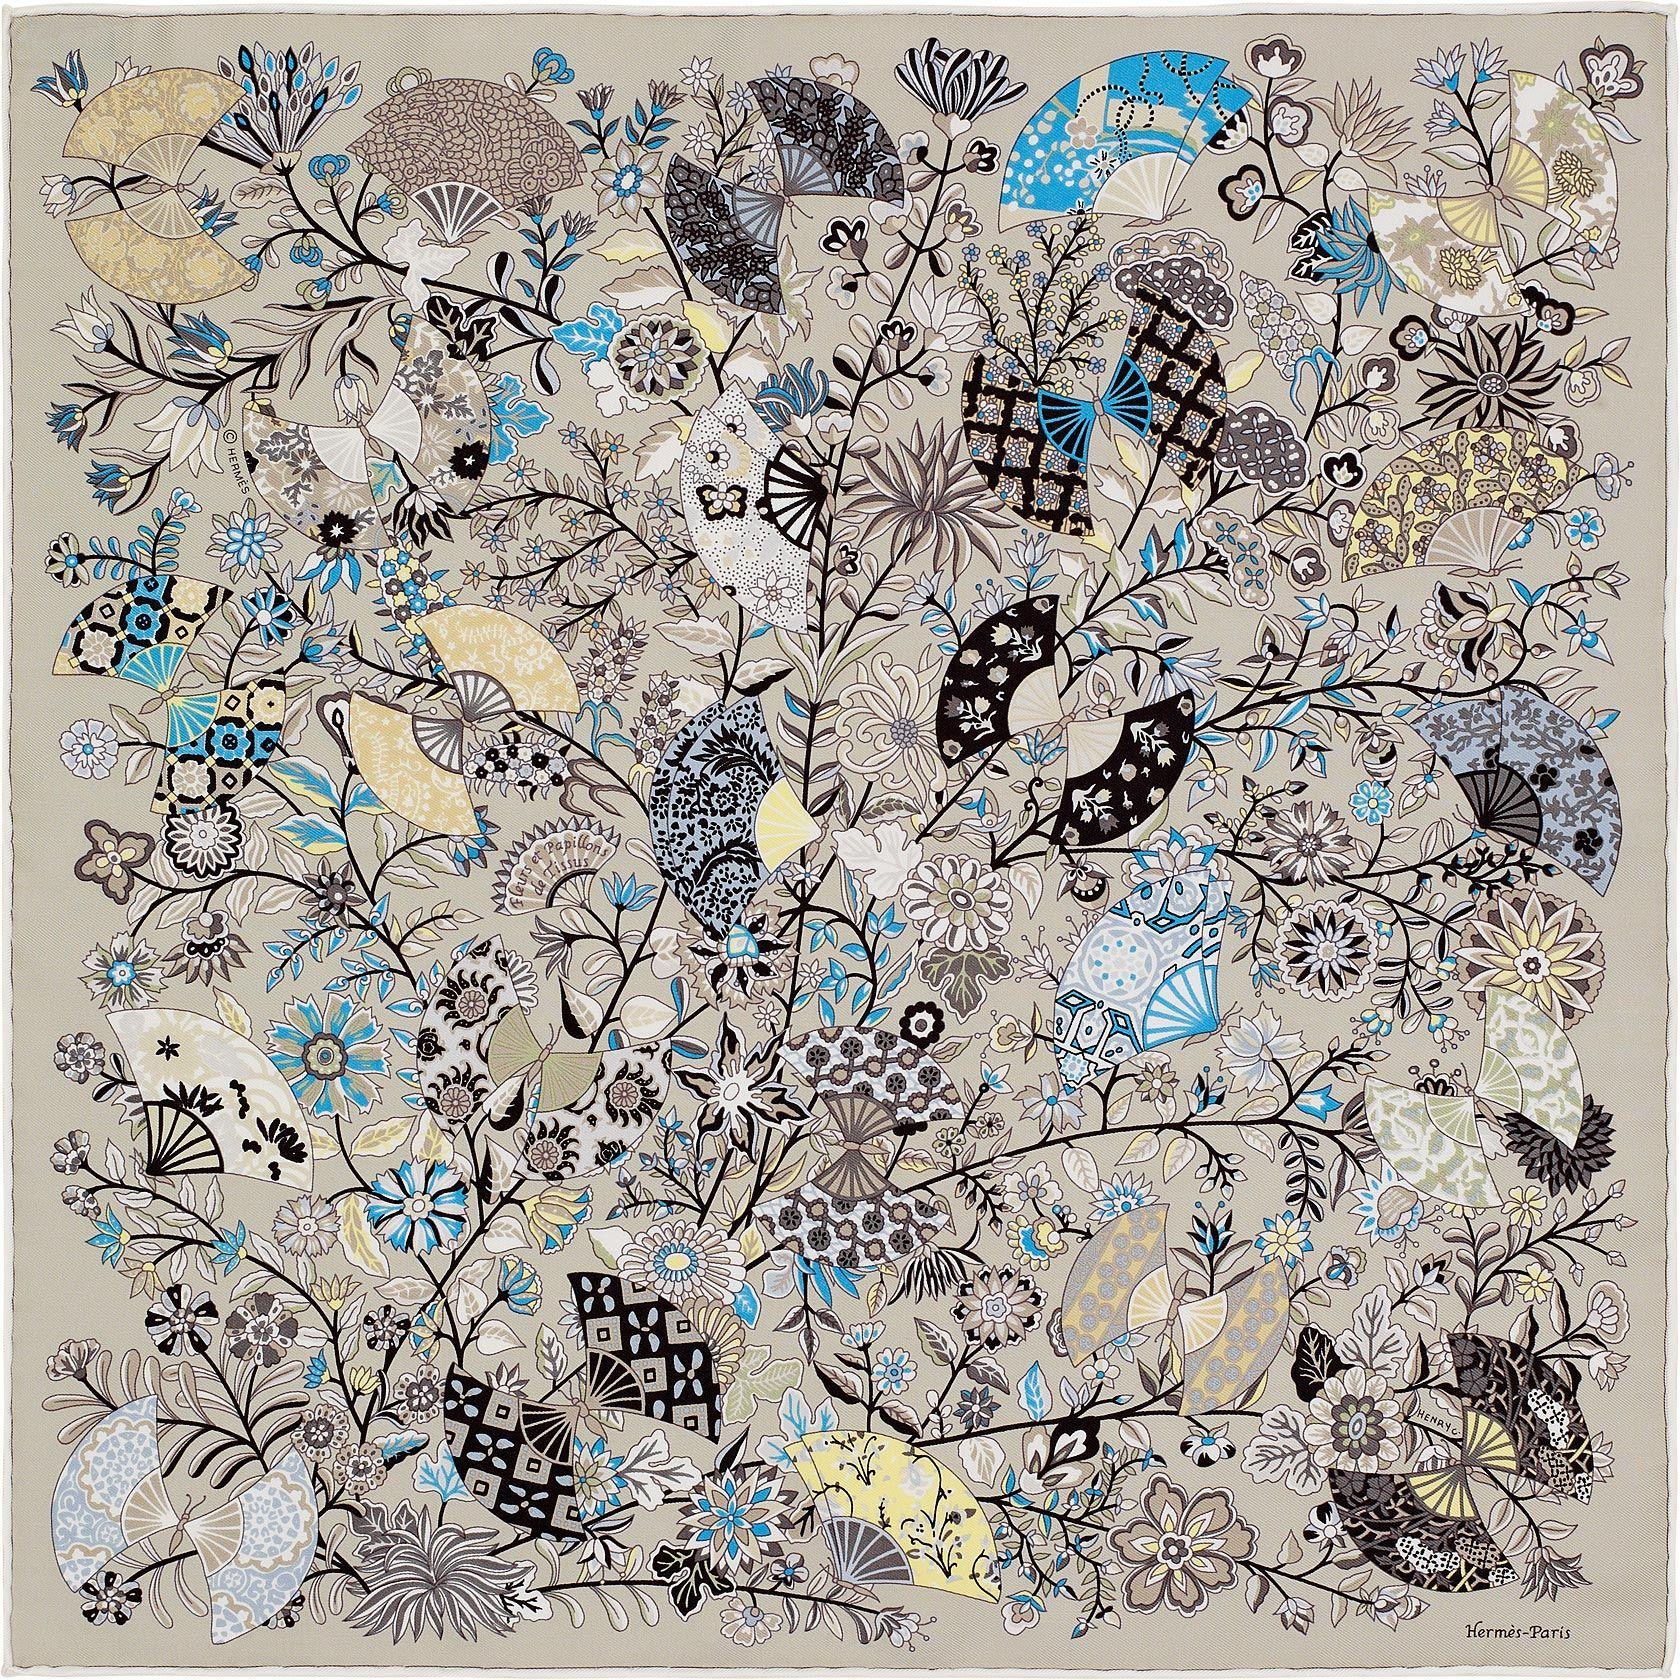 Hermès - Fleurs et Papillons de Tissus by Christine Henry - Gavroche en  twill de soie (45 x 45 cm) b1cc56c4728